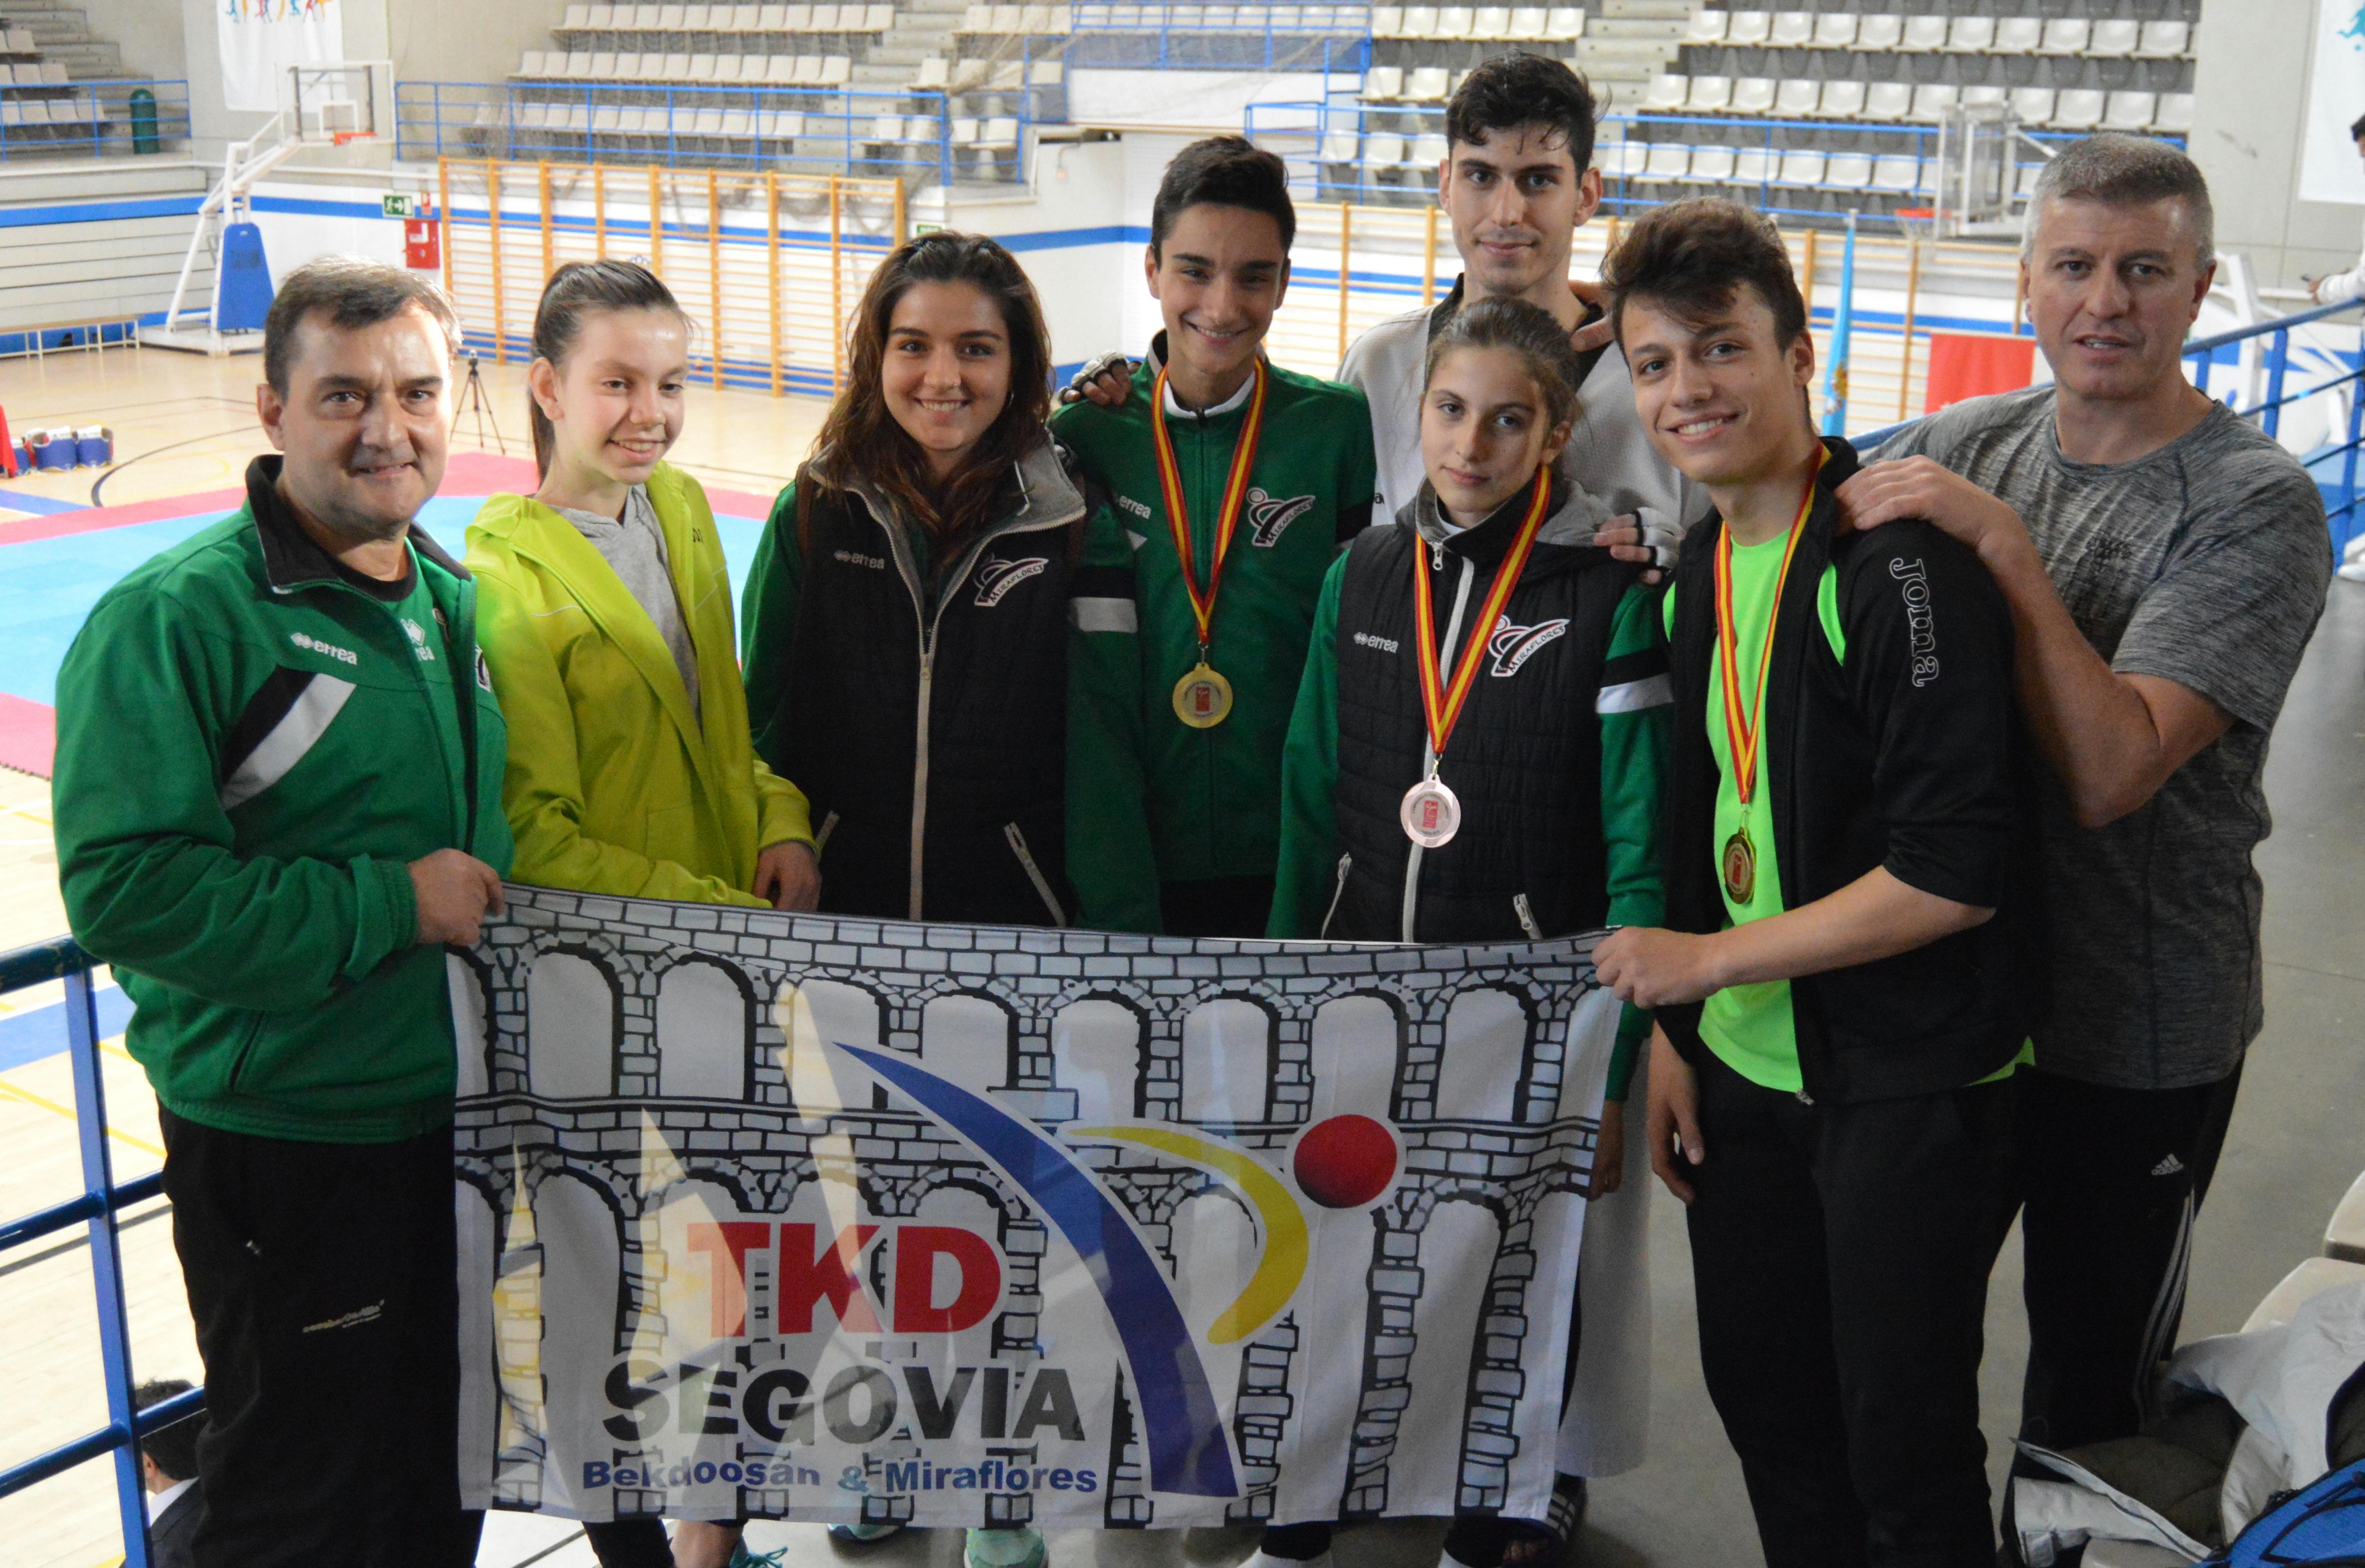 Club Deportivo Taekwondo Miraflores-Bekdoosan: Dos oros y un bronce en los Campeonatos de la Comunidad de Madrid de Taekwondo